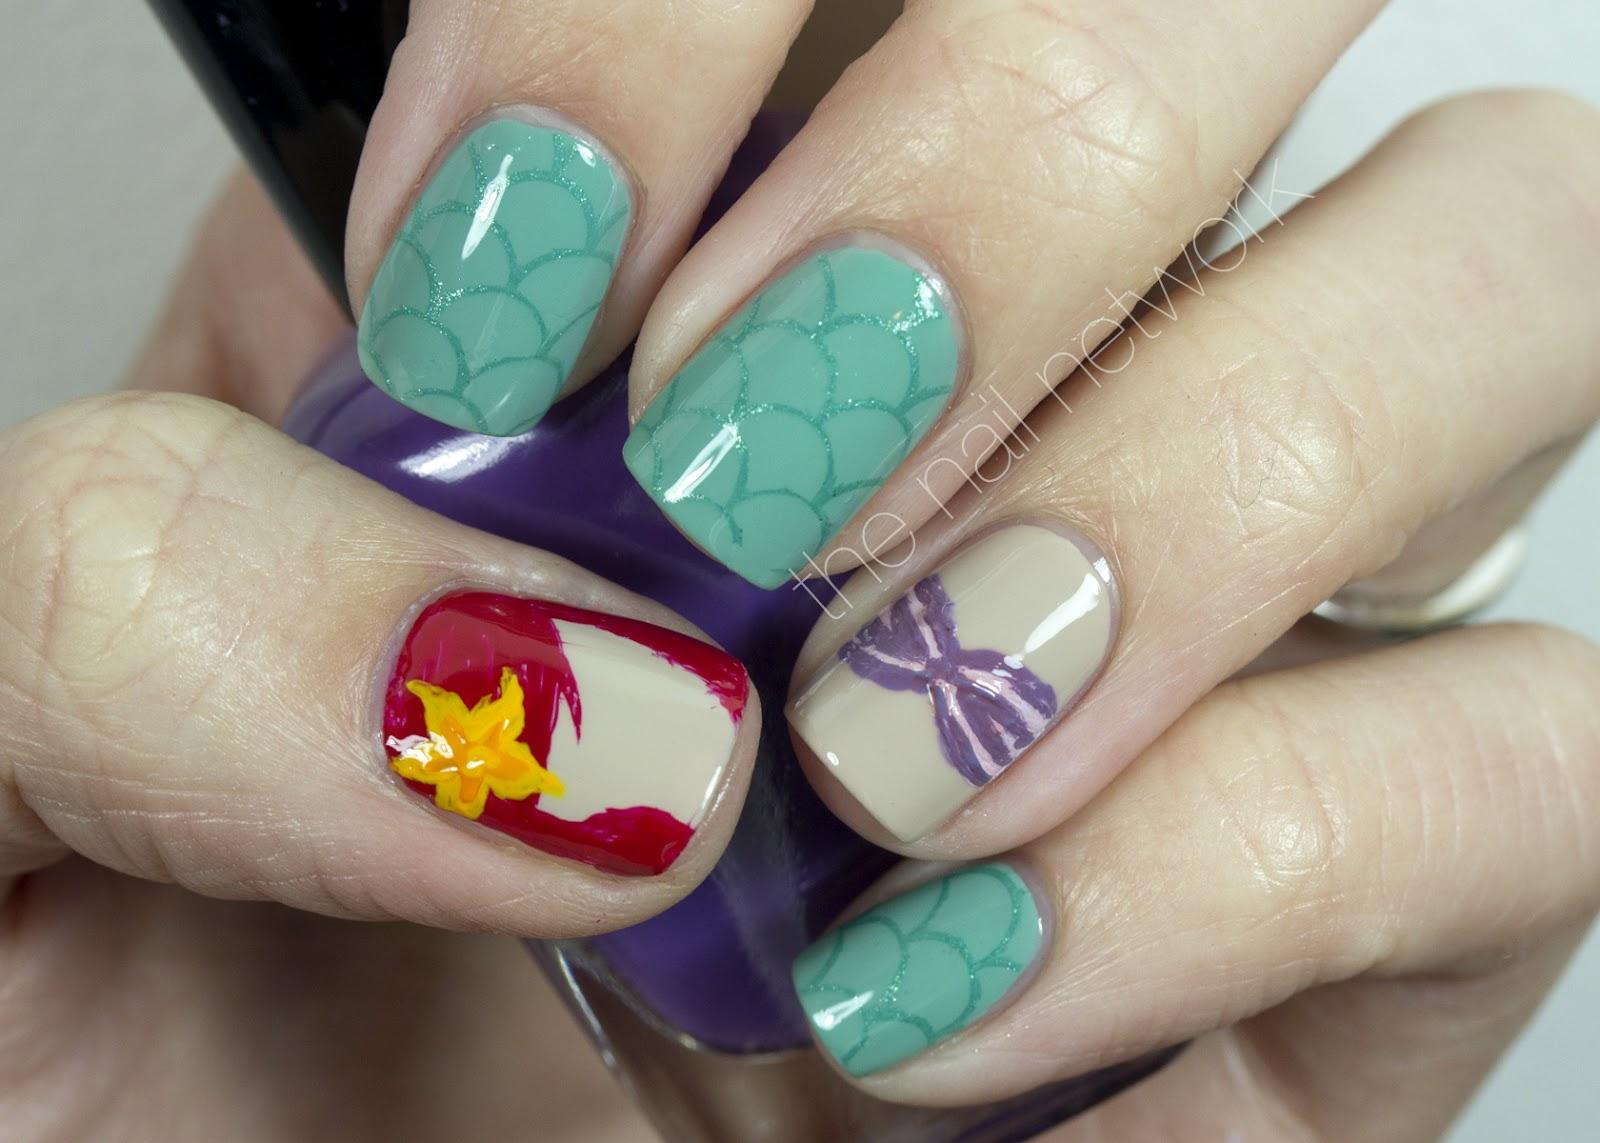 Disney Nail Designs For Short Nails – Papillon Day Spa